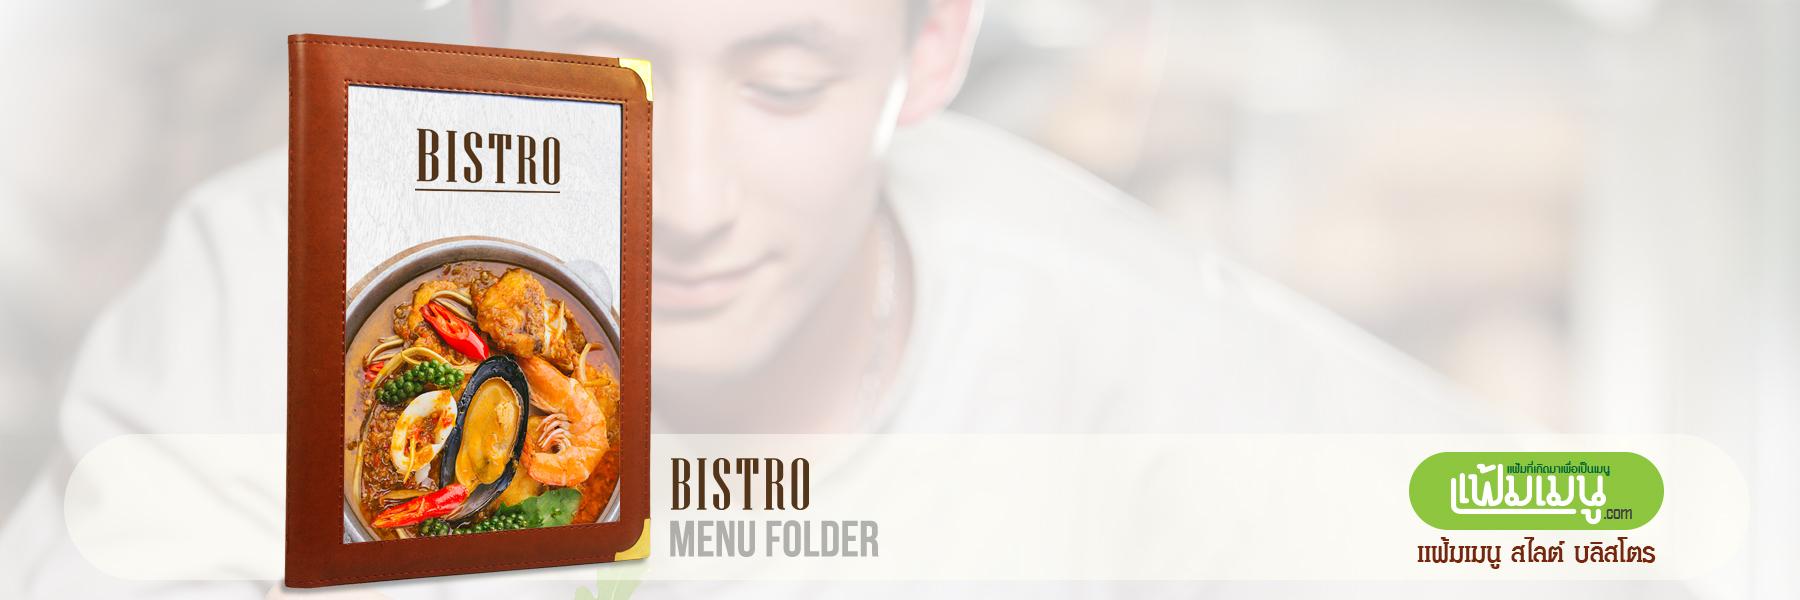 Bistro menu book, แฟ้มเมนู รุ่น บริสโตร, แฟ้มเมนุปกหนัก, แฟ้มเมนูปกสอดได้, แฟ้มเมนูไม่ต้องปั๊มโลโก้